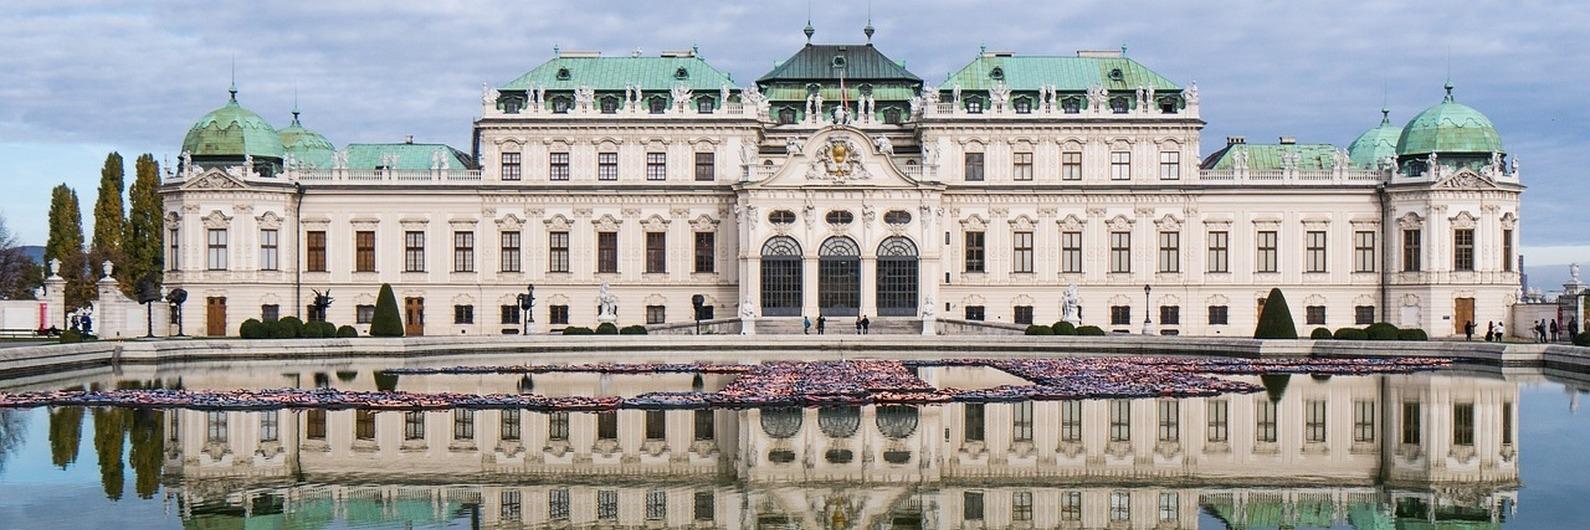 Viena: a união perfeita entre a arte e o romantismo